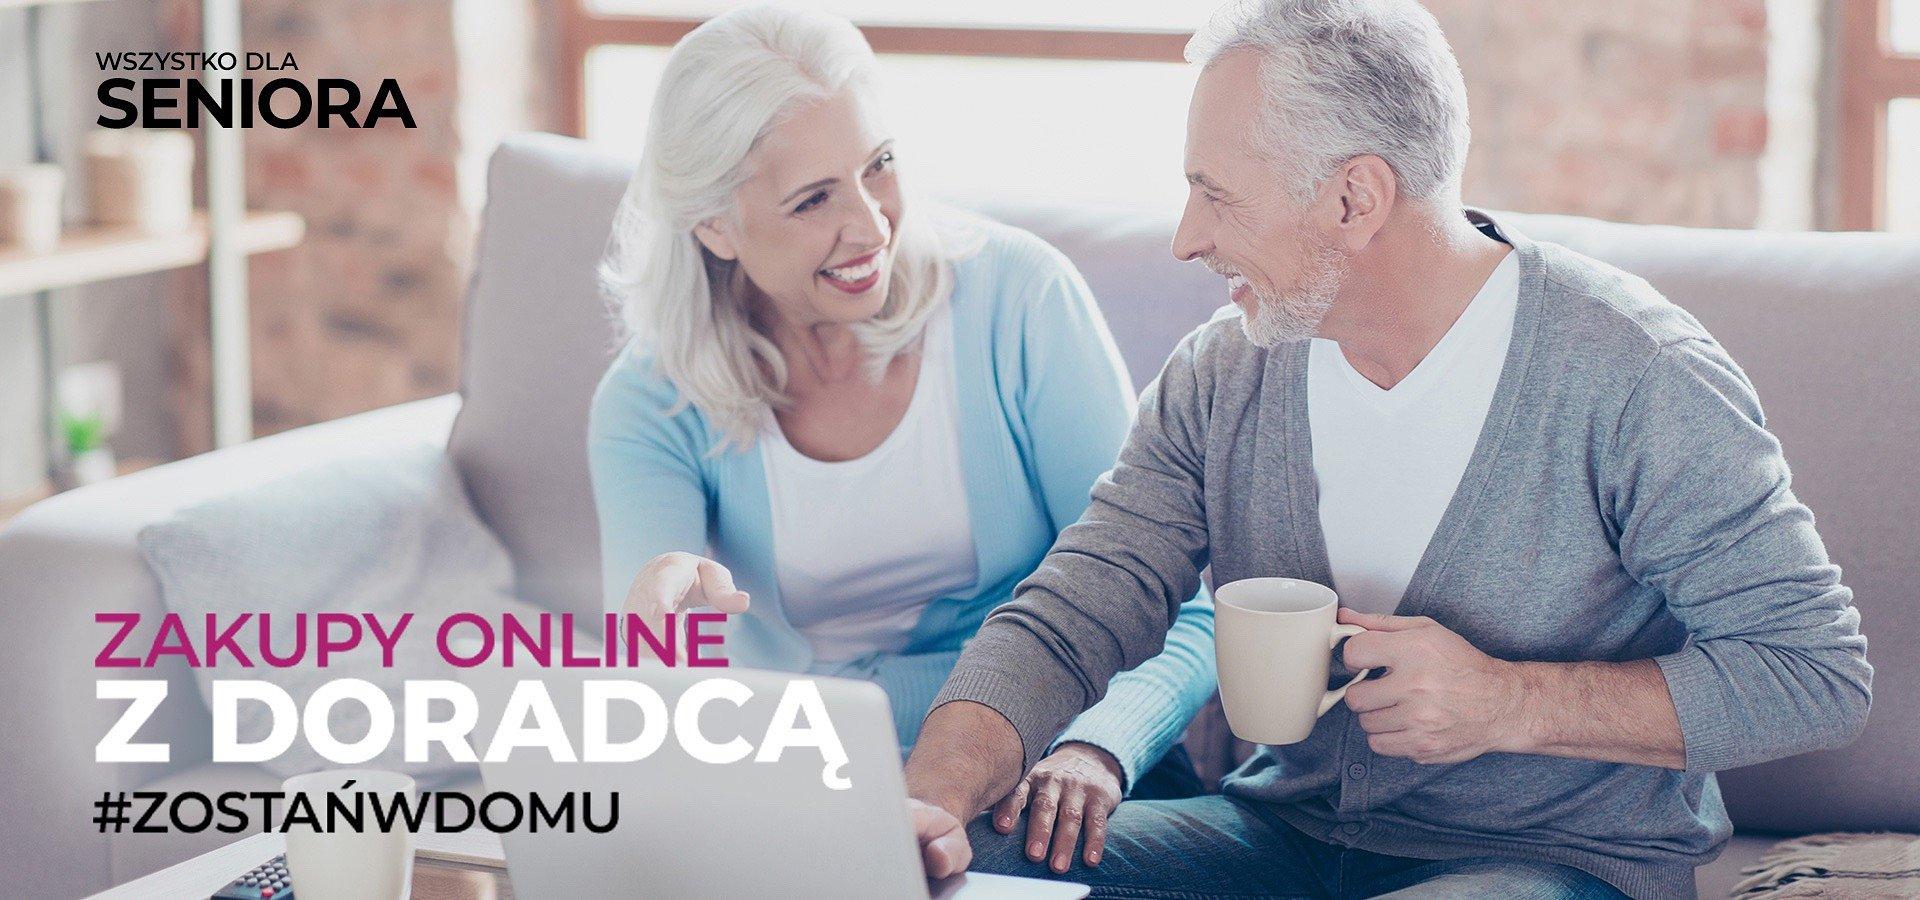 Zakupy w sieci dla seniorów nigdy nie były tak łatwe